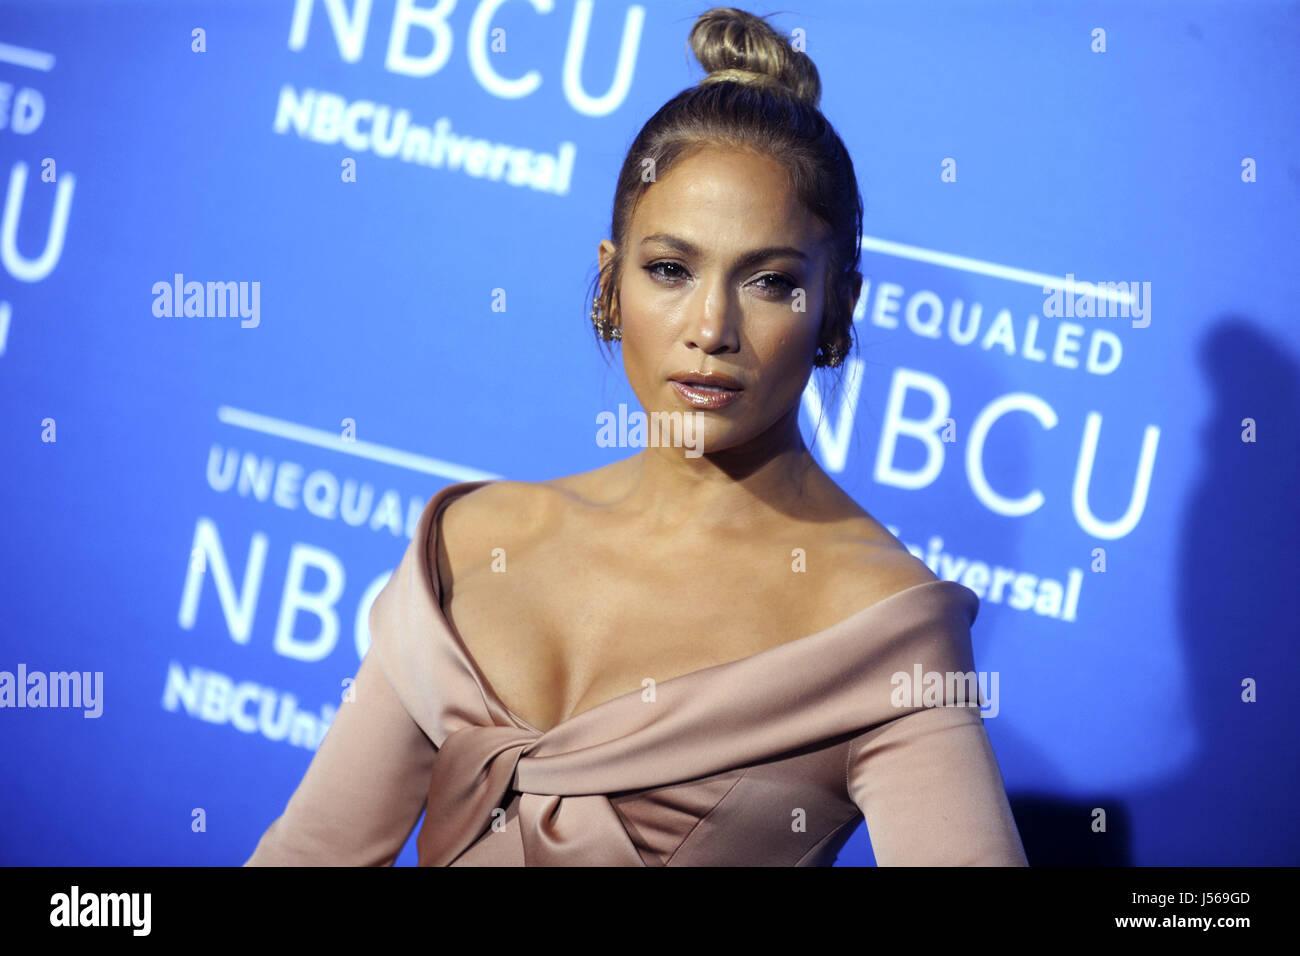 Jennifer Lopez assiste il 2017 NBCUniversal in anticipo al Radio City Music Hall il 15 maggio 2017 in New York City. Immagini Stock